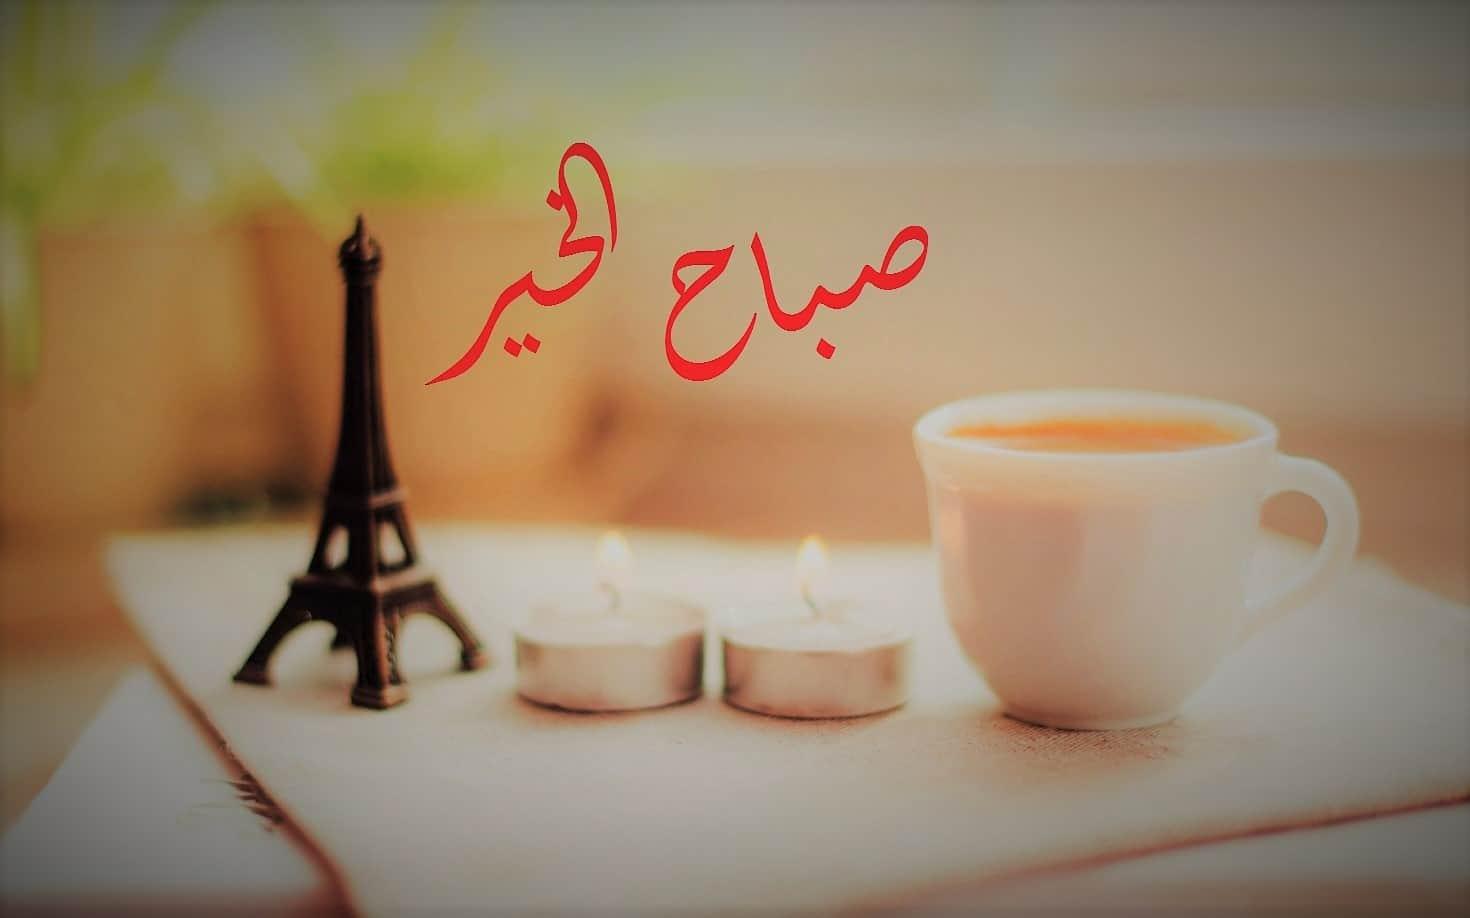 صورة كلمات صباحية جميلة , اجمل الكلمات الصباحية